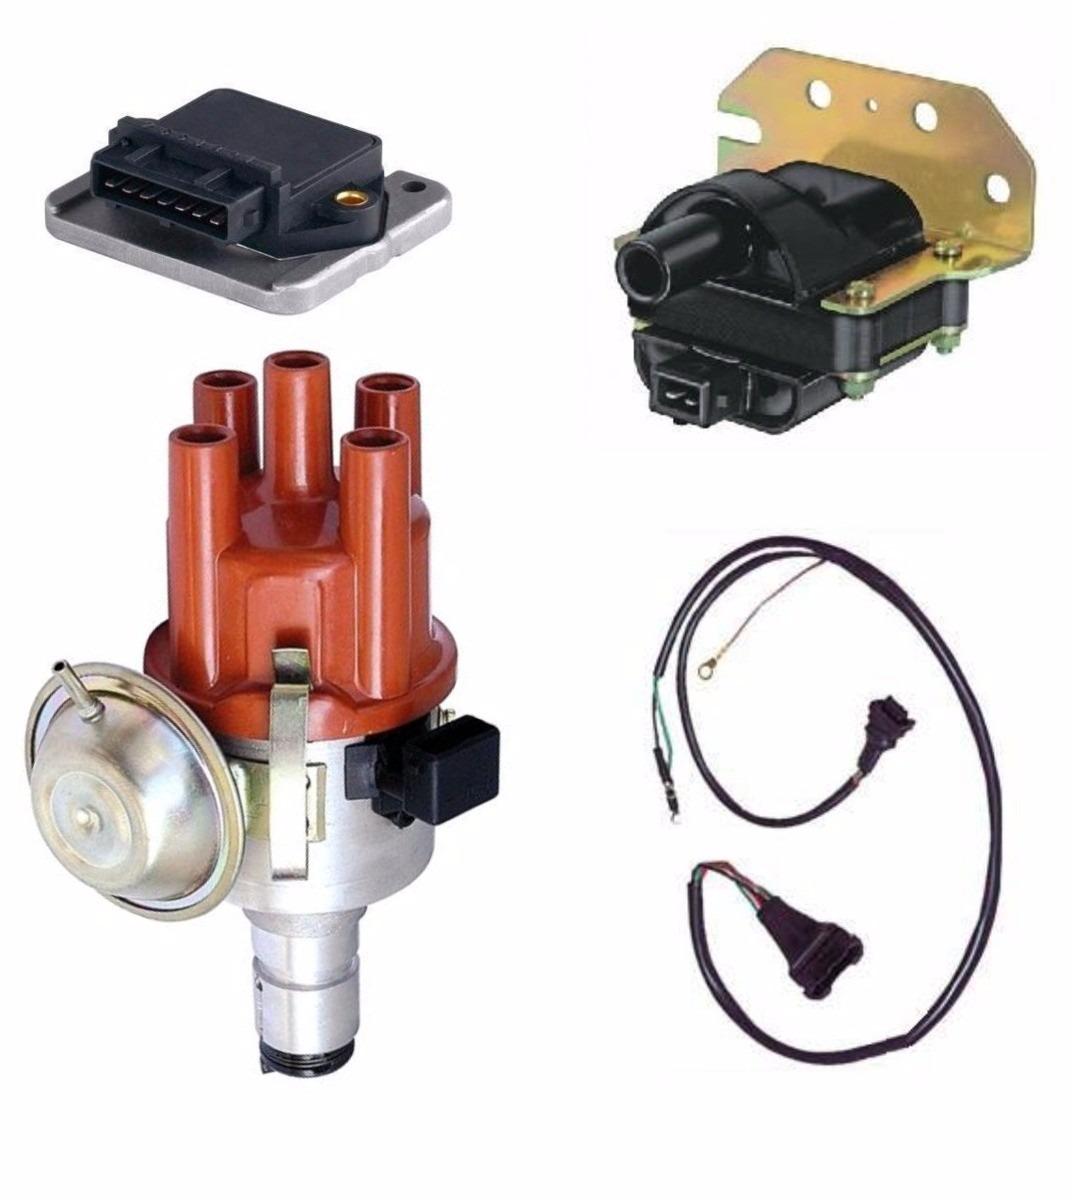 Kit Ignição Eletrônica Fusca Brasilia Kombi  ( 4 Pecas )